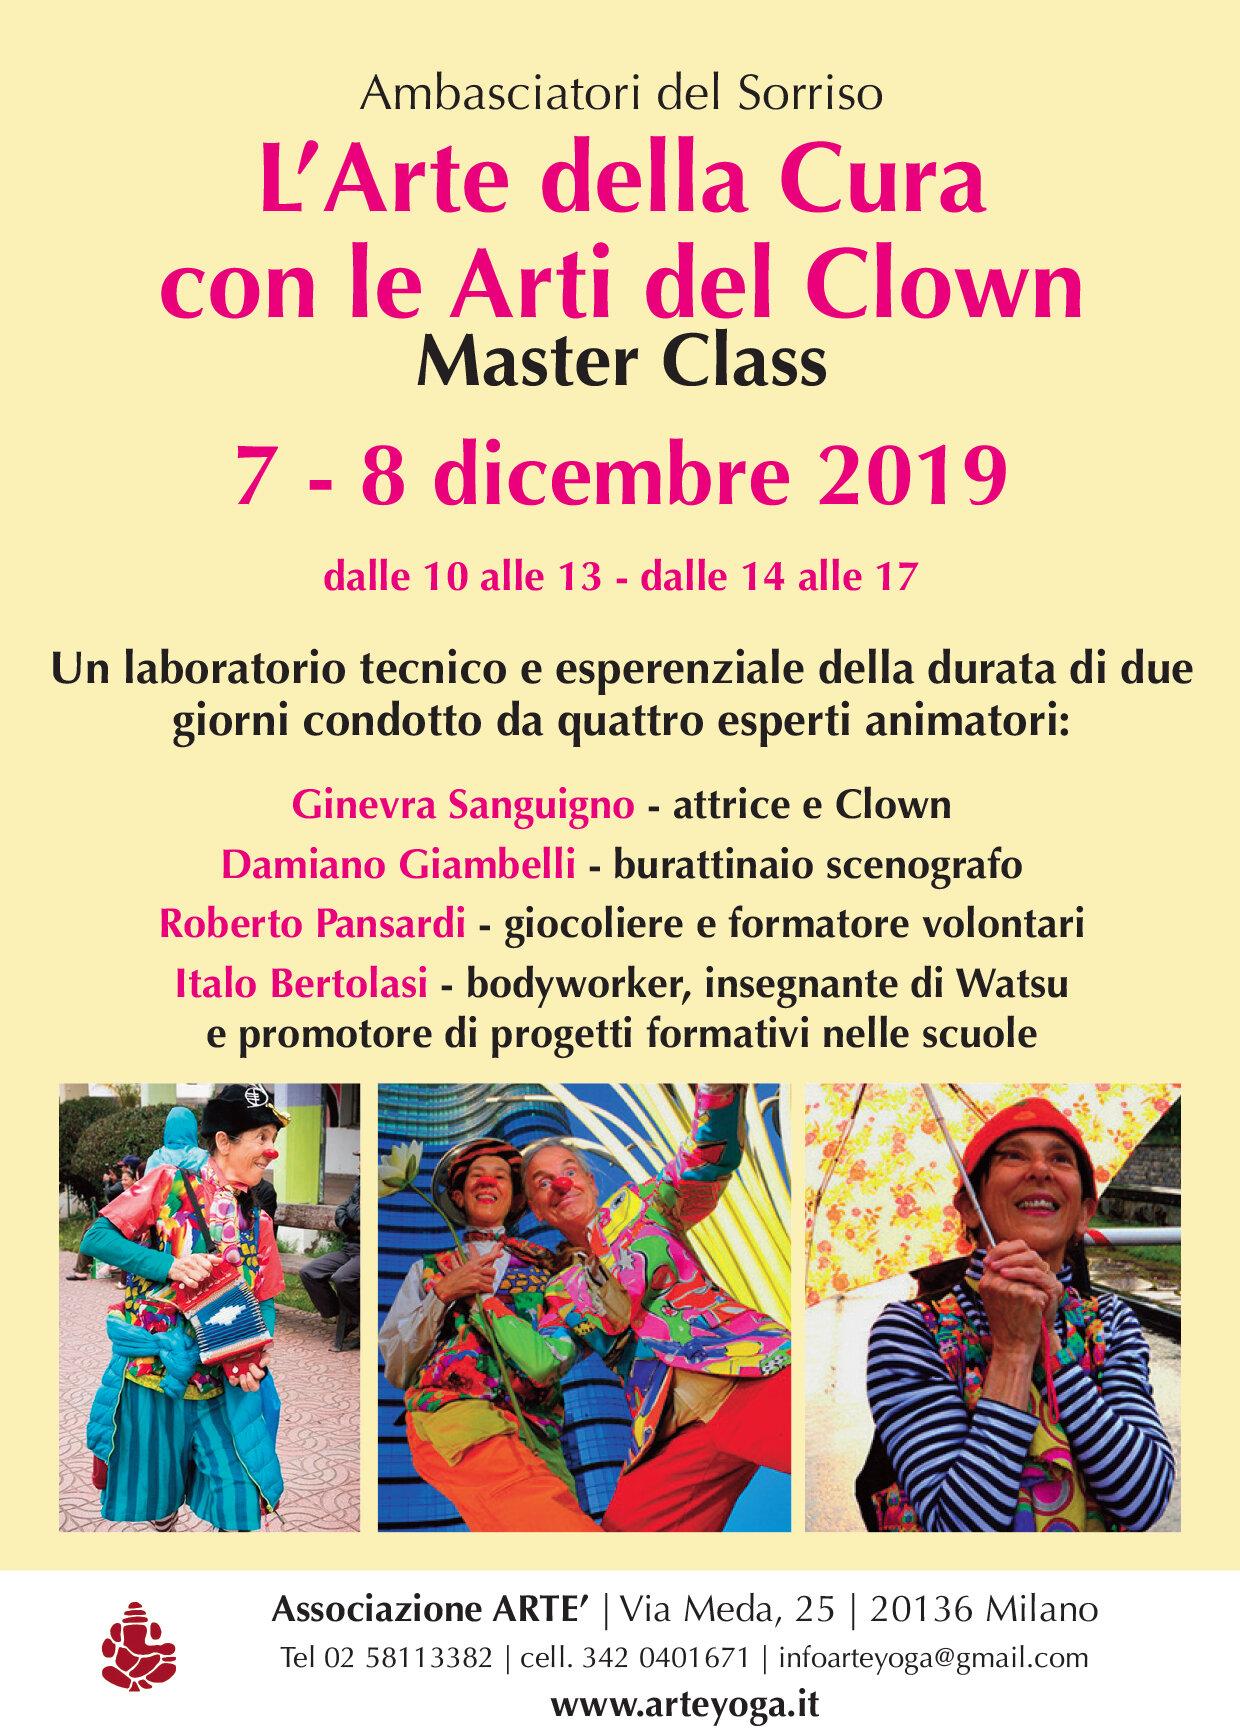 clown OK - dic.jpg